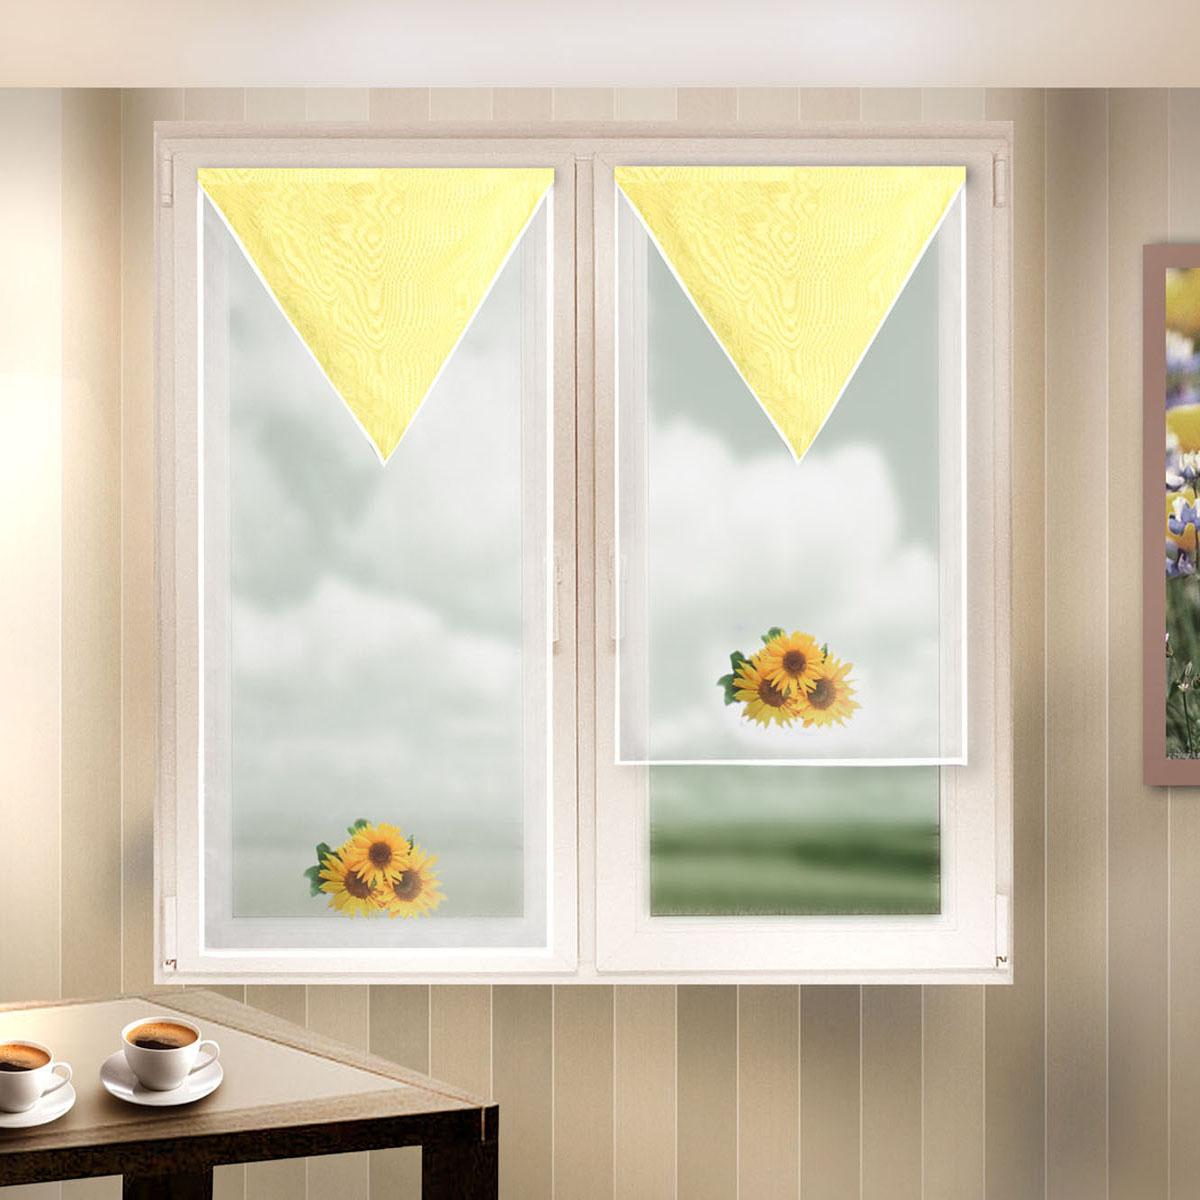 Гардина Zlata Korunka, на липкой ленте, цвет: белый, высота 120 см. 666044-1CLP446Гардина на липкой ленте Zlata Korunka, изготовленная из полиэстера, станет великолепным украшением любого окна. Полотно из белой вуали с печатным рисунком привлечет к себе внимание и органично впишется в интерьер комнаты. Крепление на липкой ленте, не требующее сверления стен и карниза. Многоразовое и мгновенное крепление.